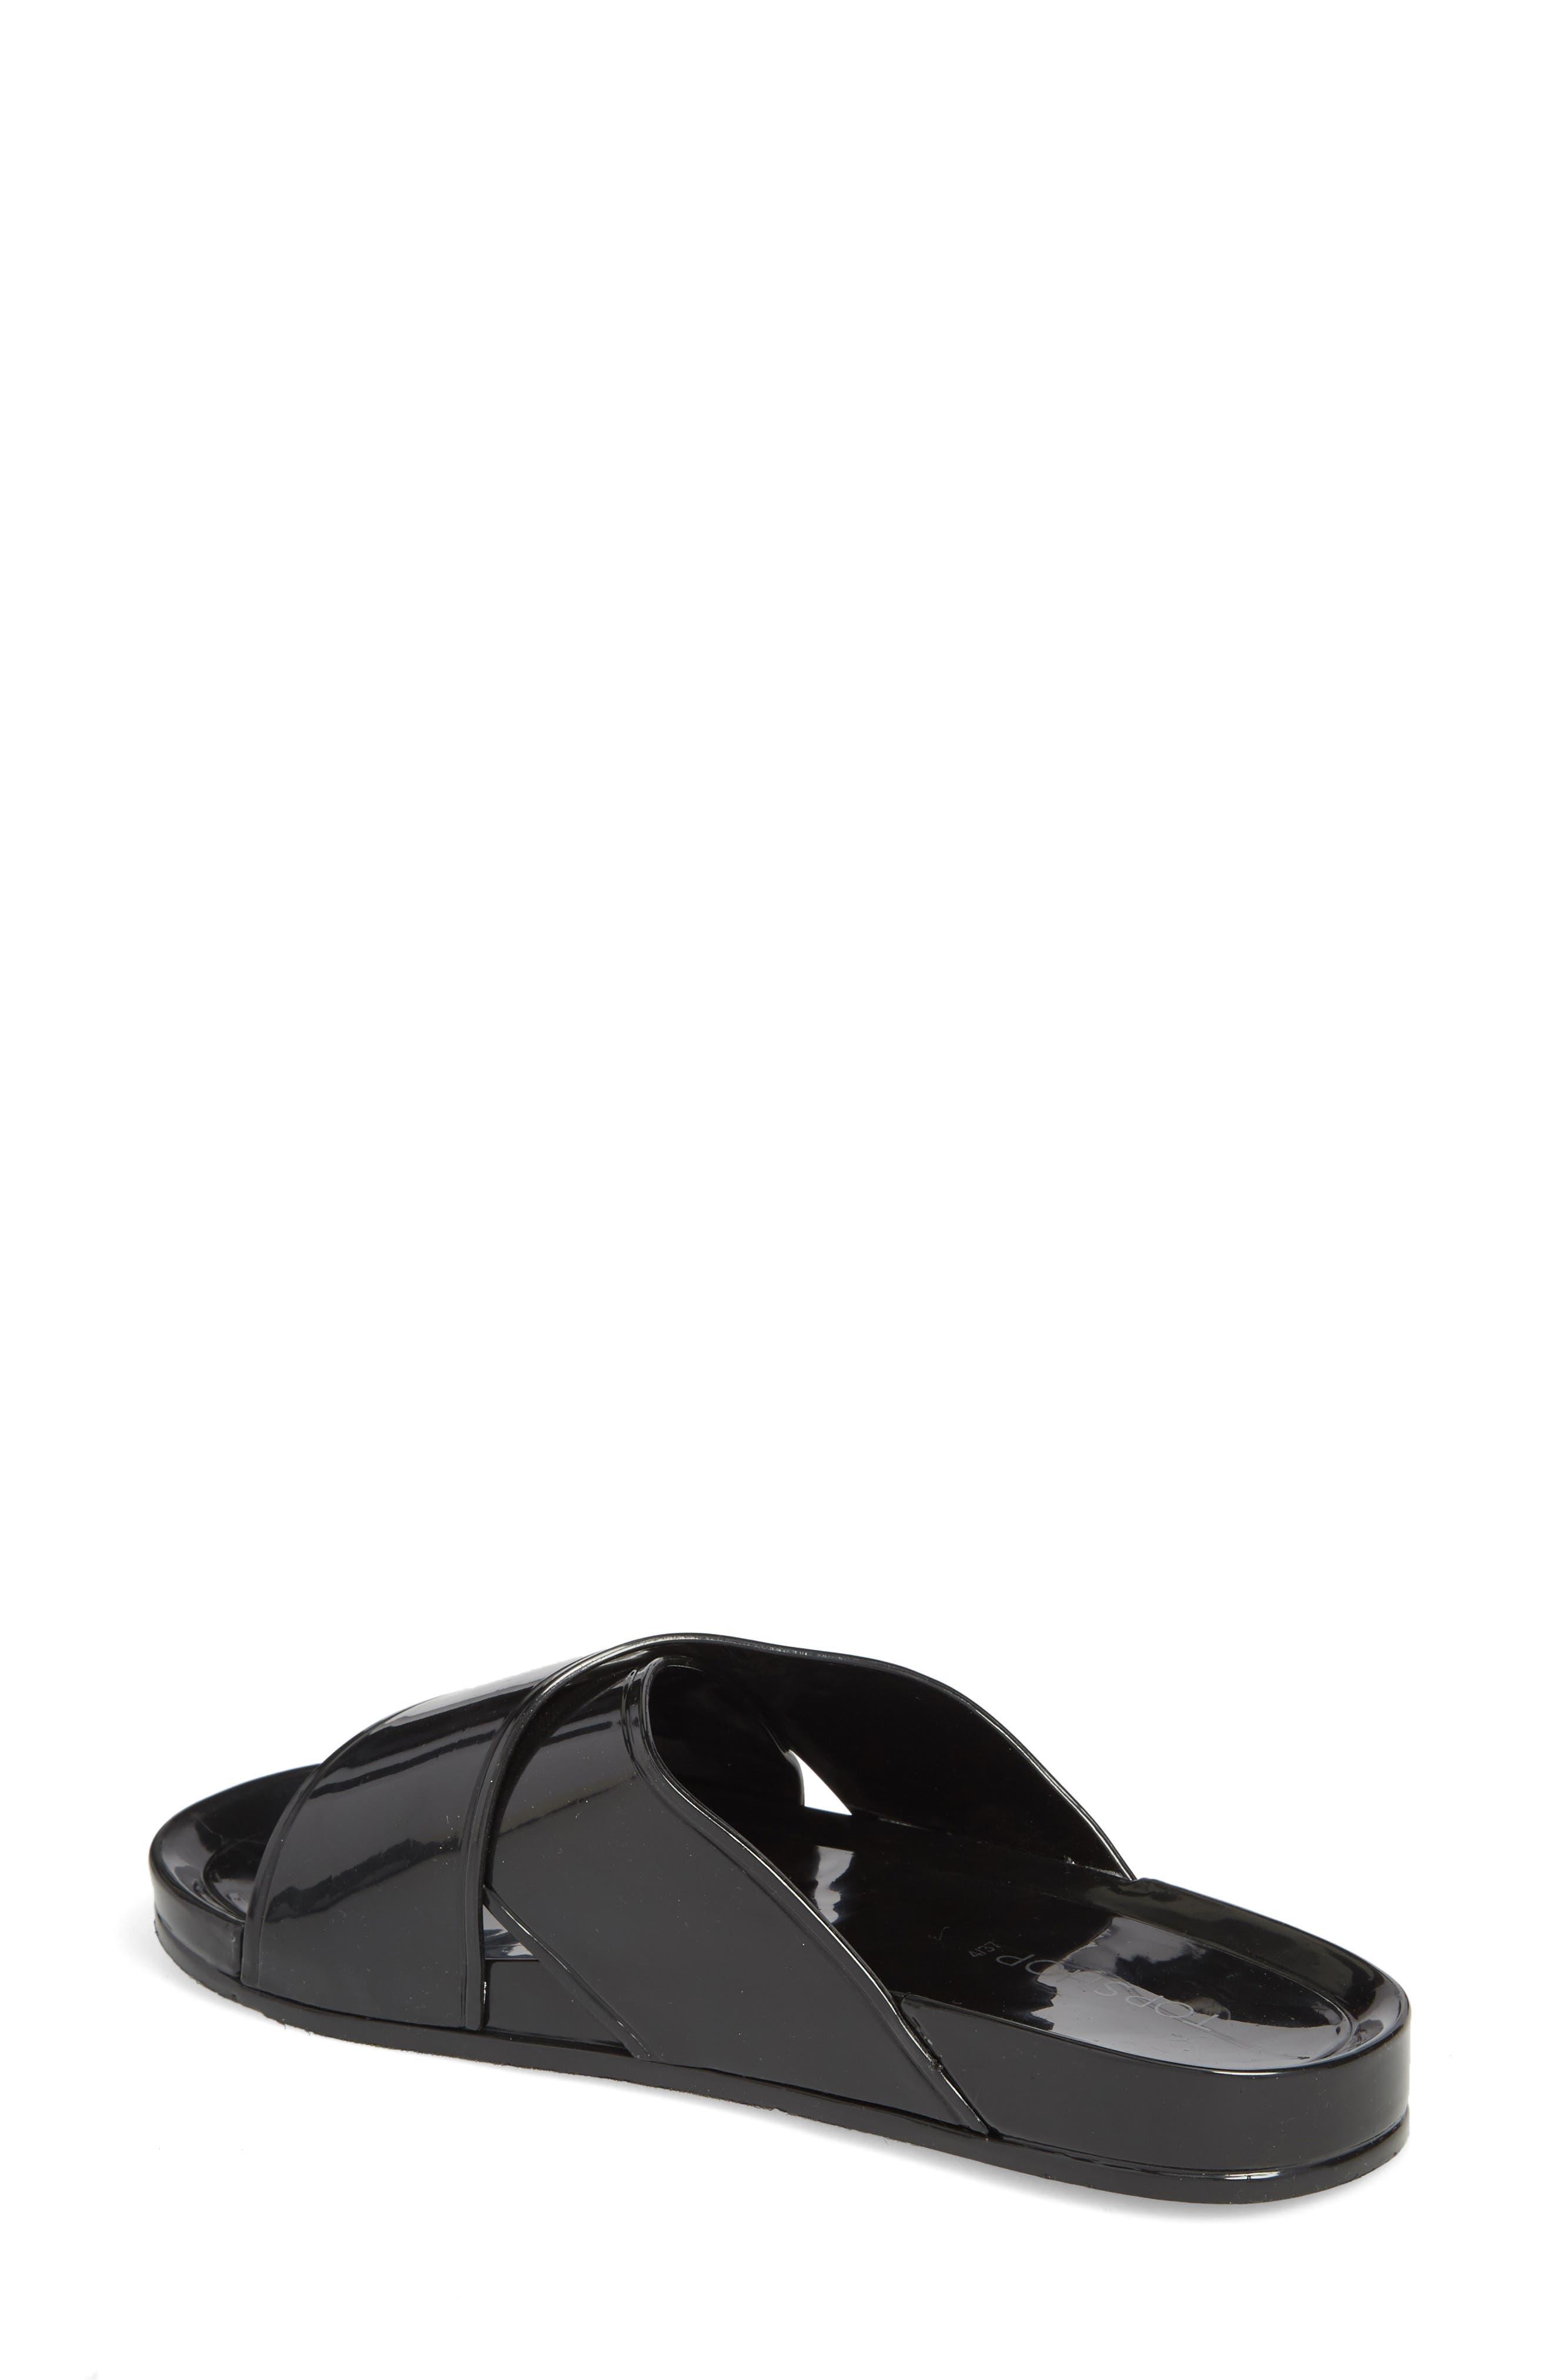 Roxy Jelly Slide Sandal,                             Alternate thumbnail 2, color,                             001